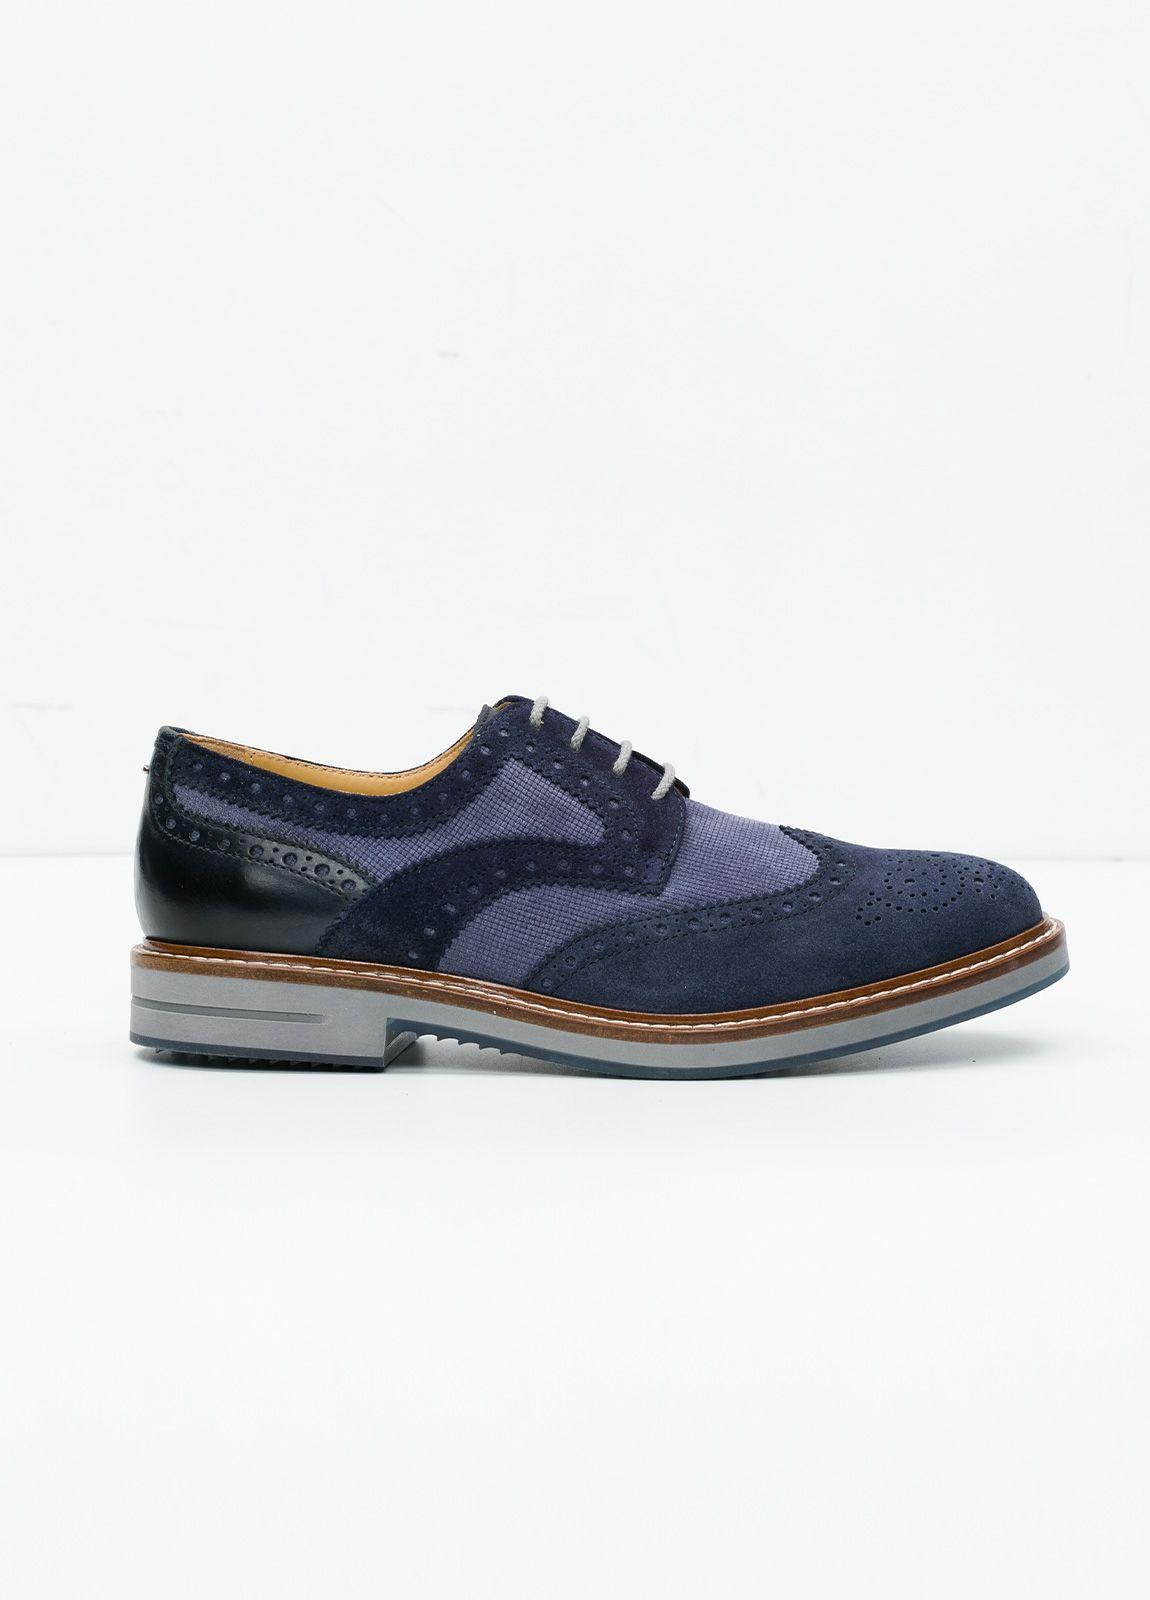 Zapato Sport Wear color azul. Combinación de serraje y piel con troquelado.